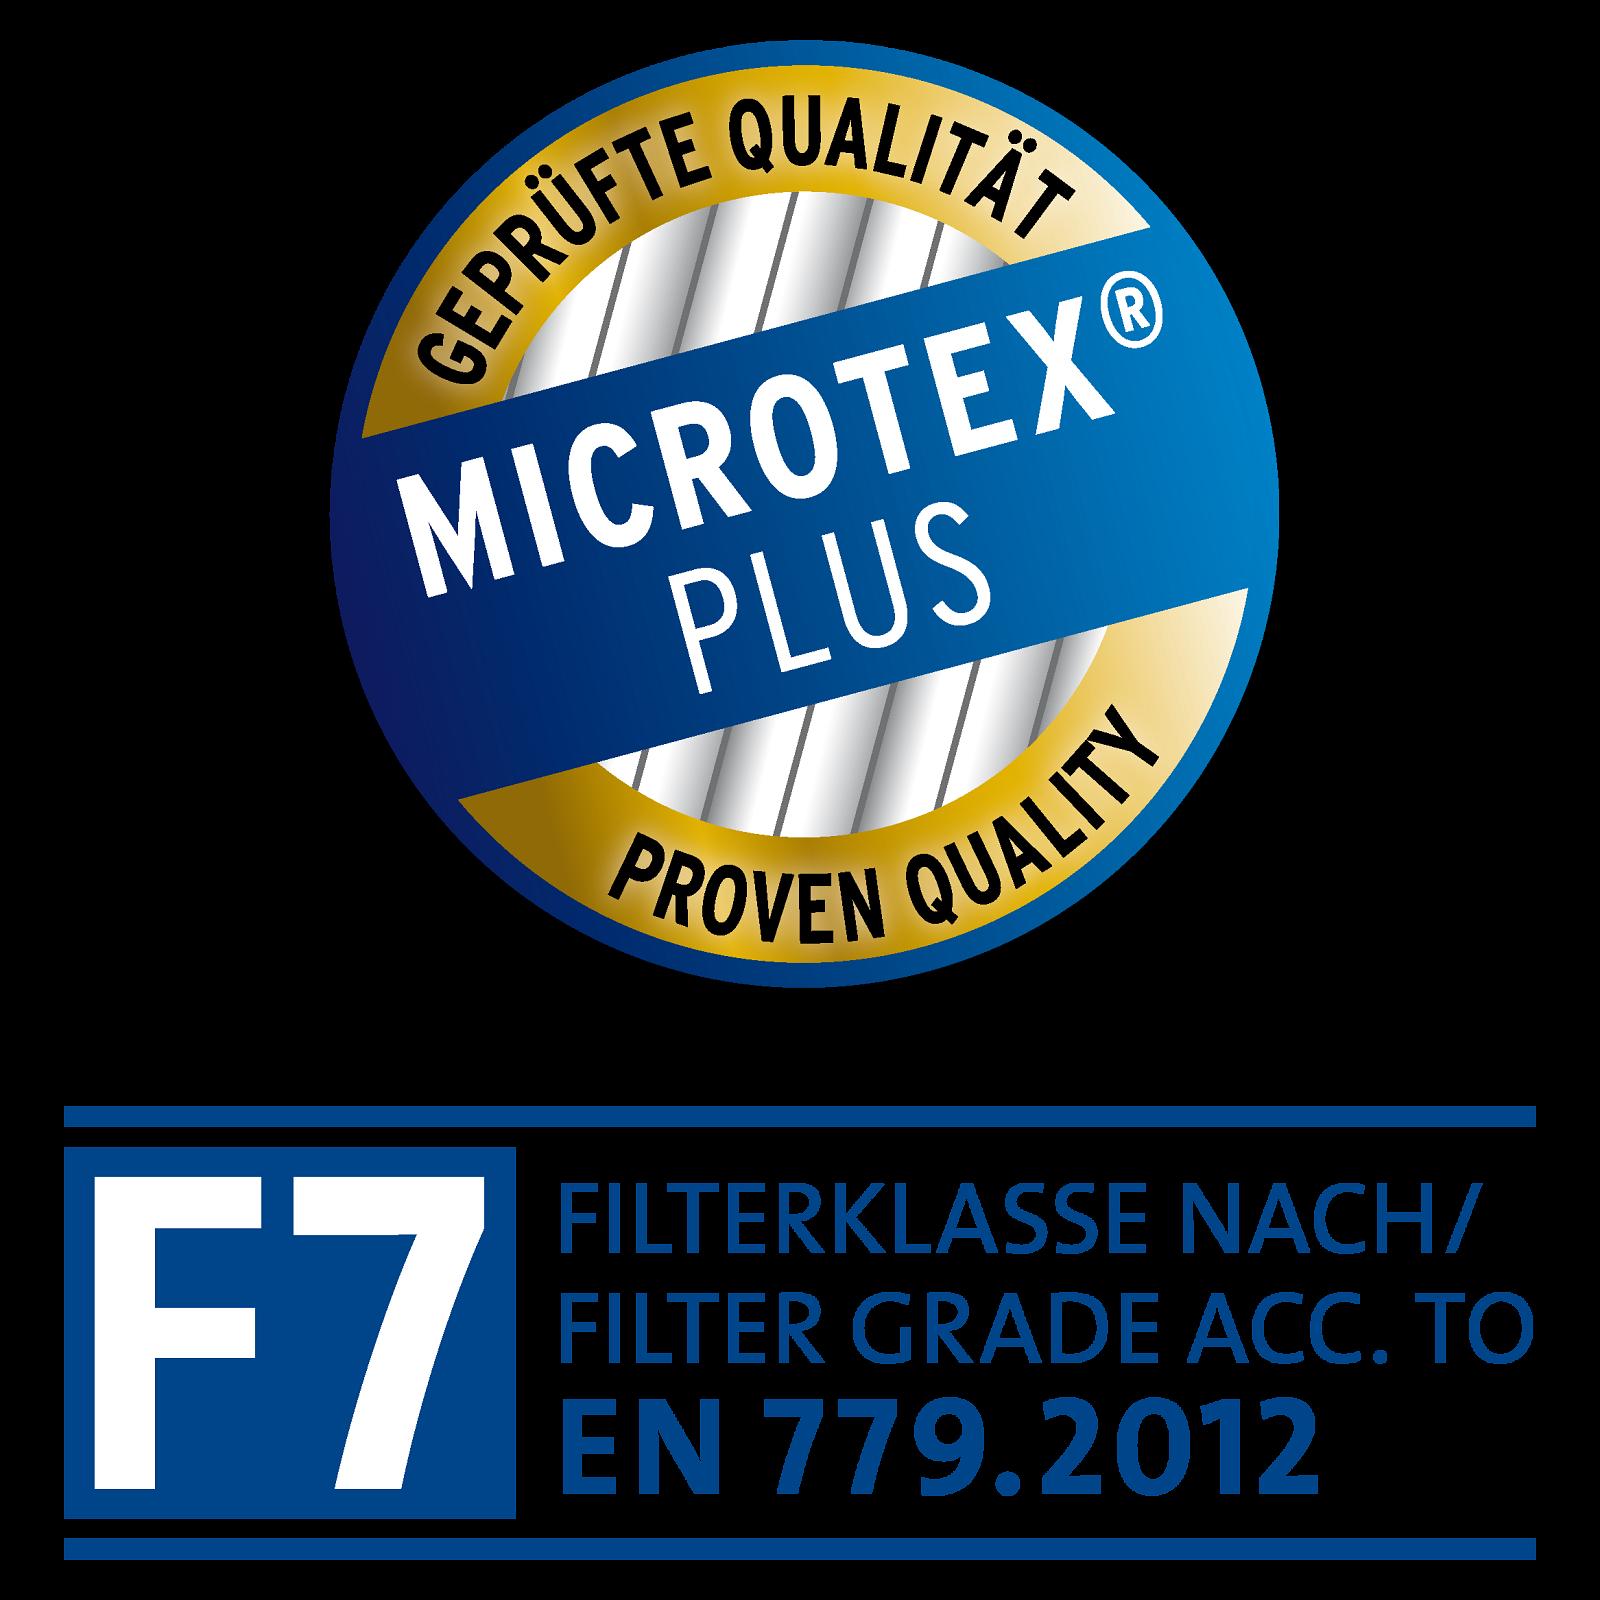 MicrotexPlus